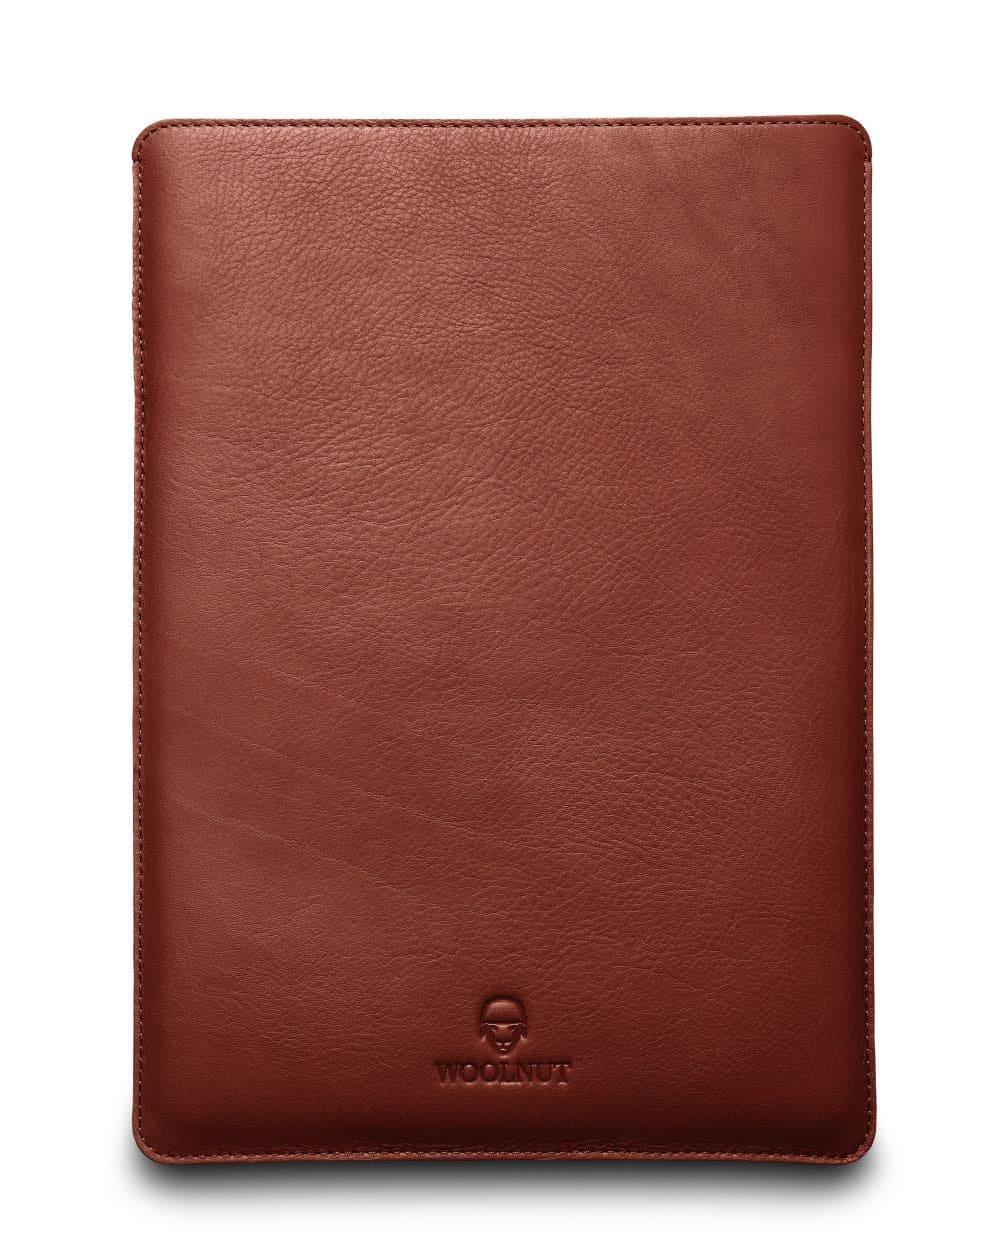 Woolnut MacBook Pro 13 & MacBook Air 13 (New) Sleeve - Cognac by Woolnut (Image #1)